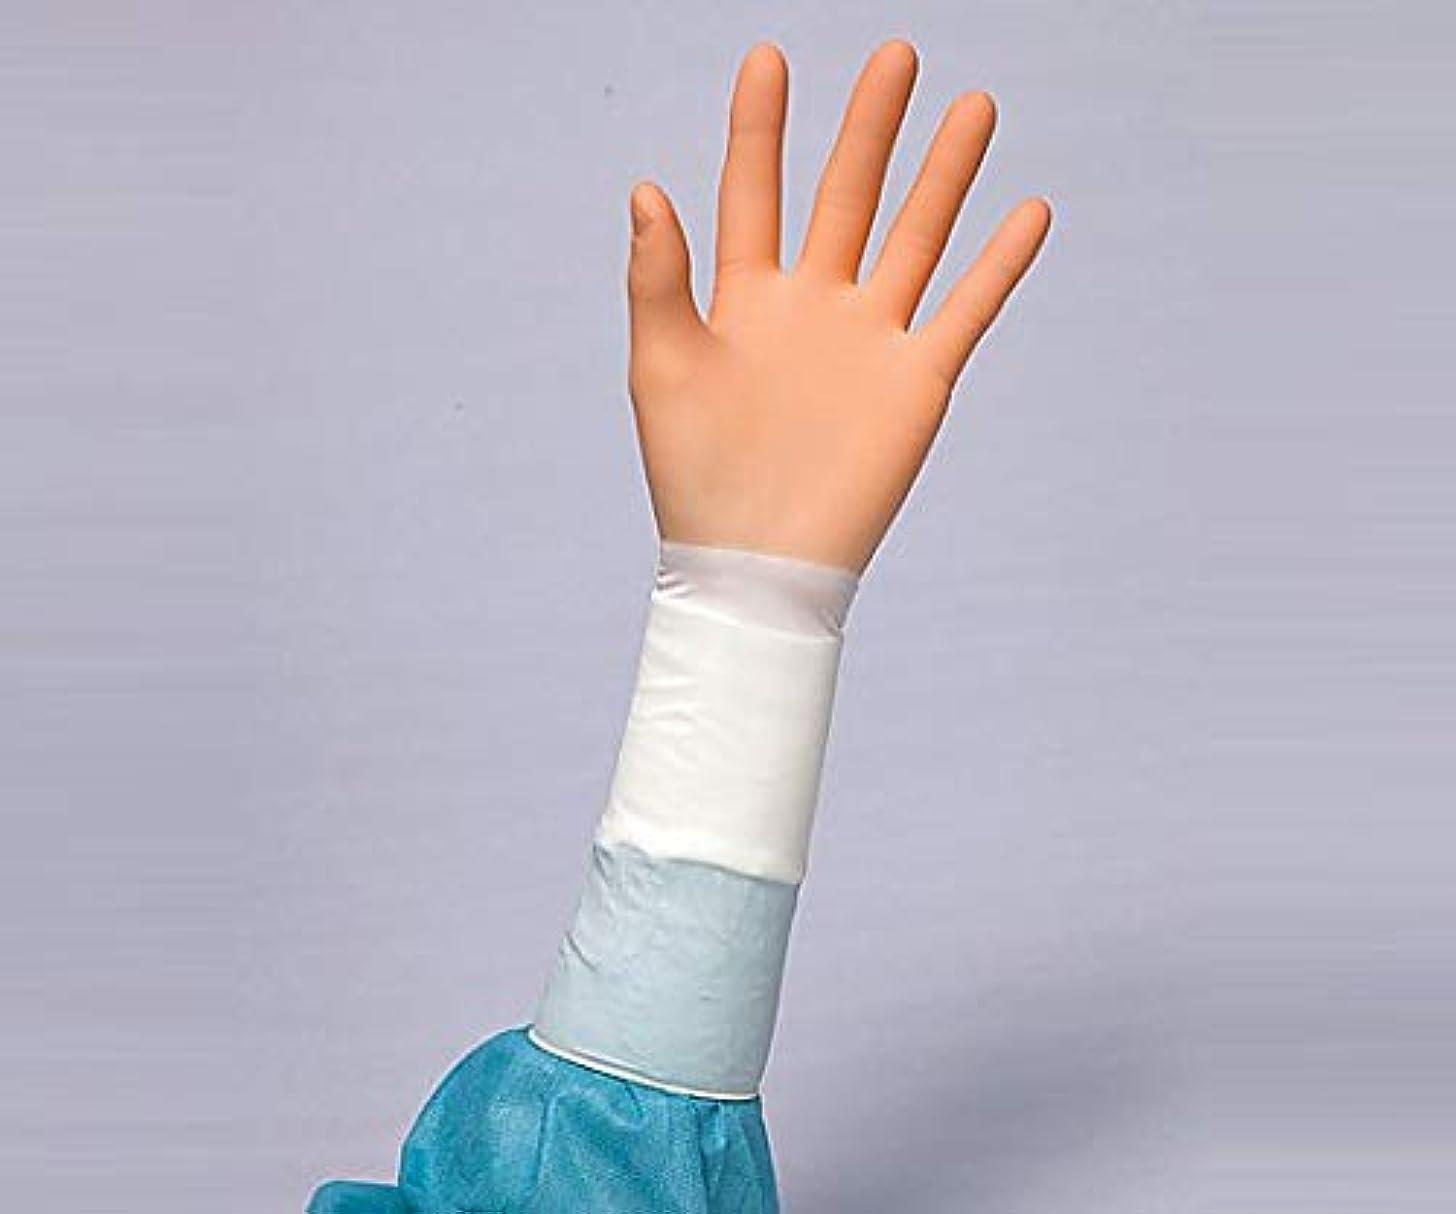 トランクライブラリコモランマ百年エンブレム手術用手袋PF 20双 6.5